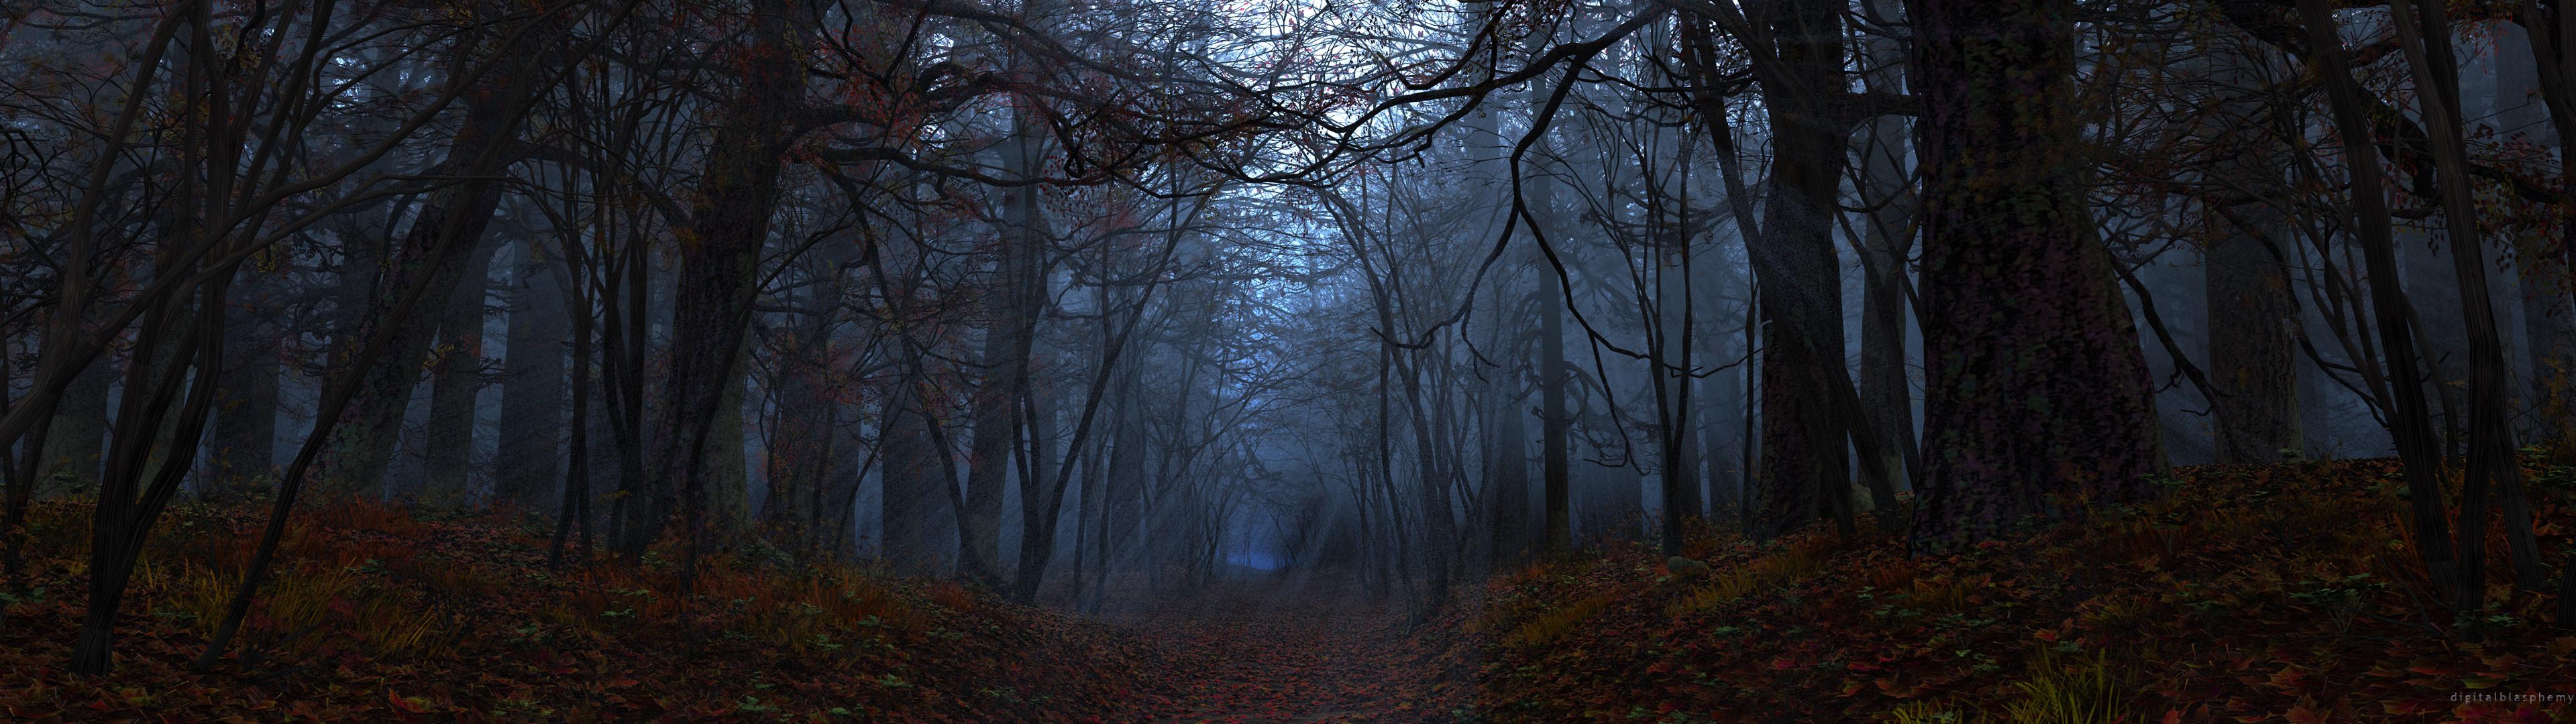 Res: 3840x1080, dark forest wallpaper 3960 x 1080 1